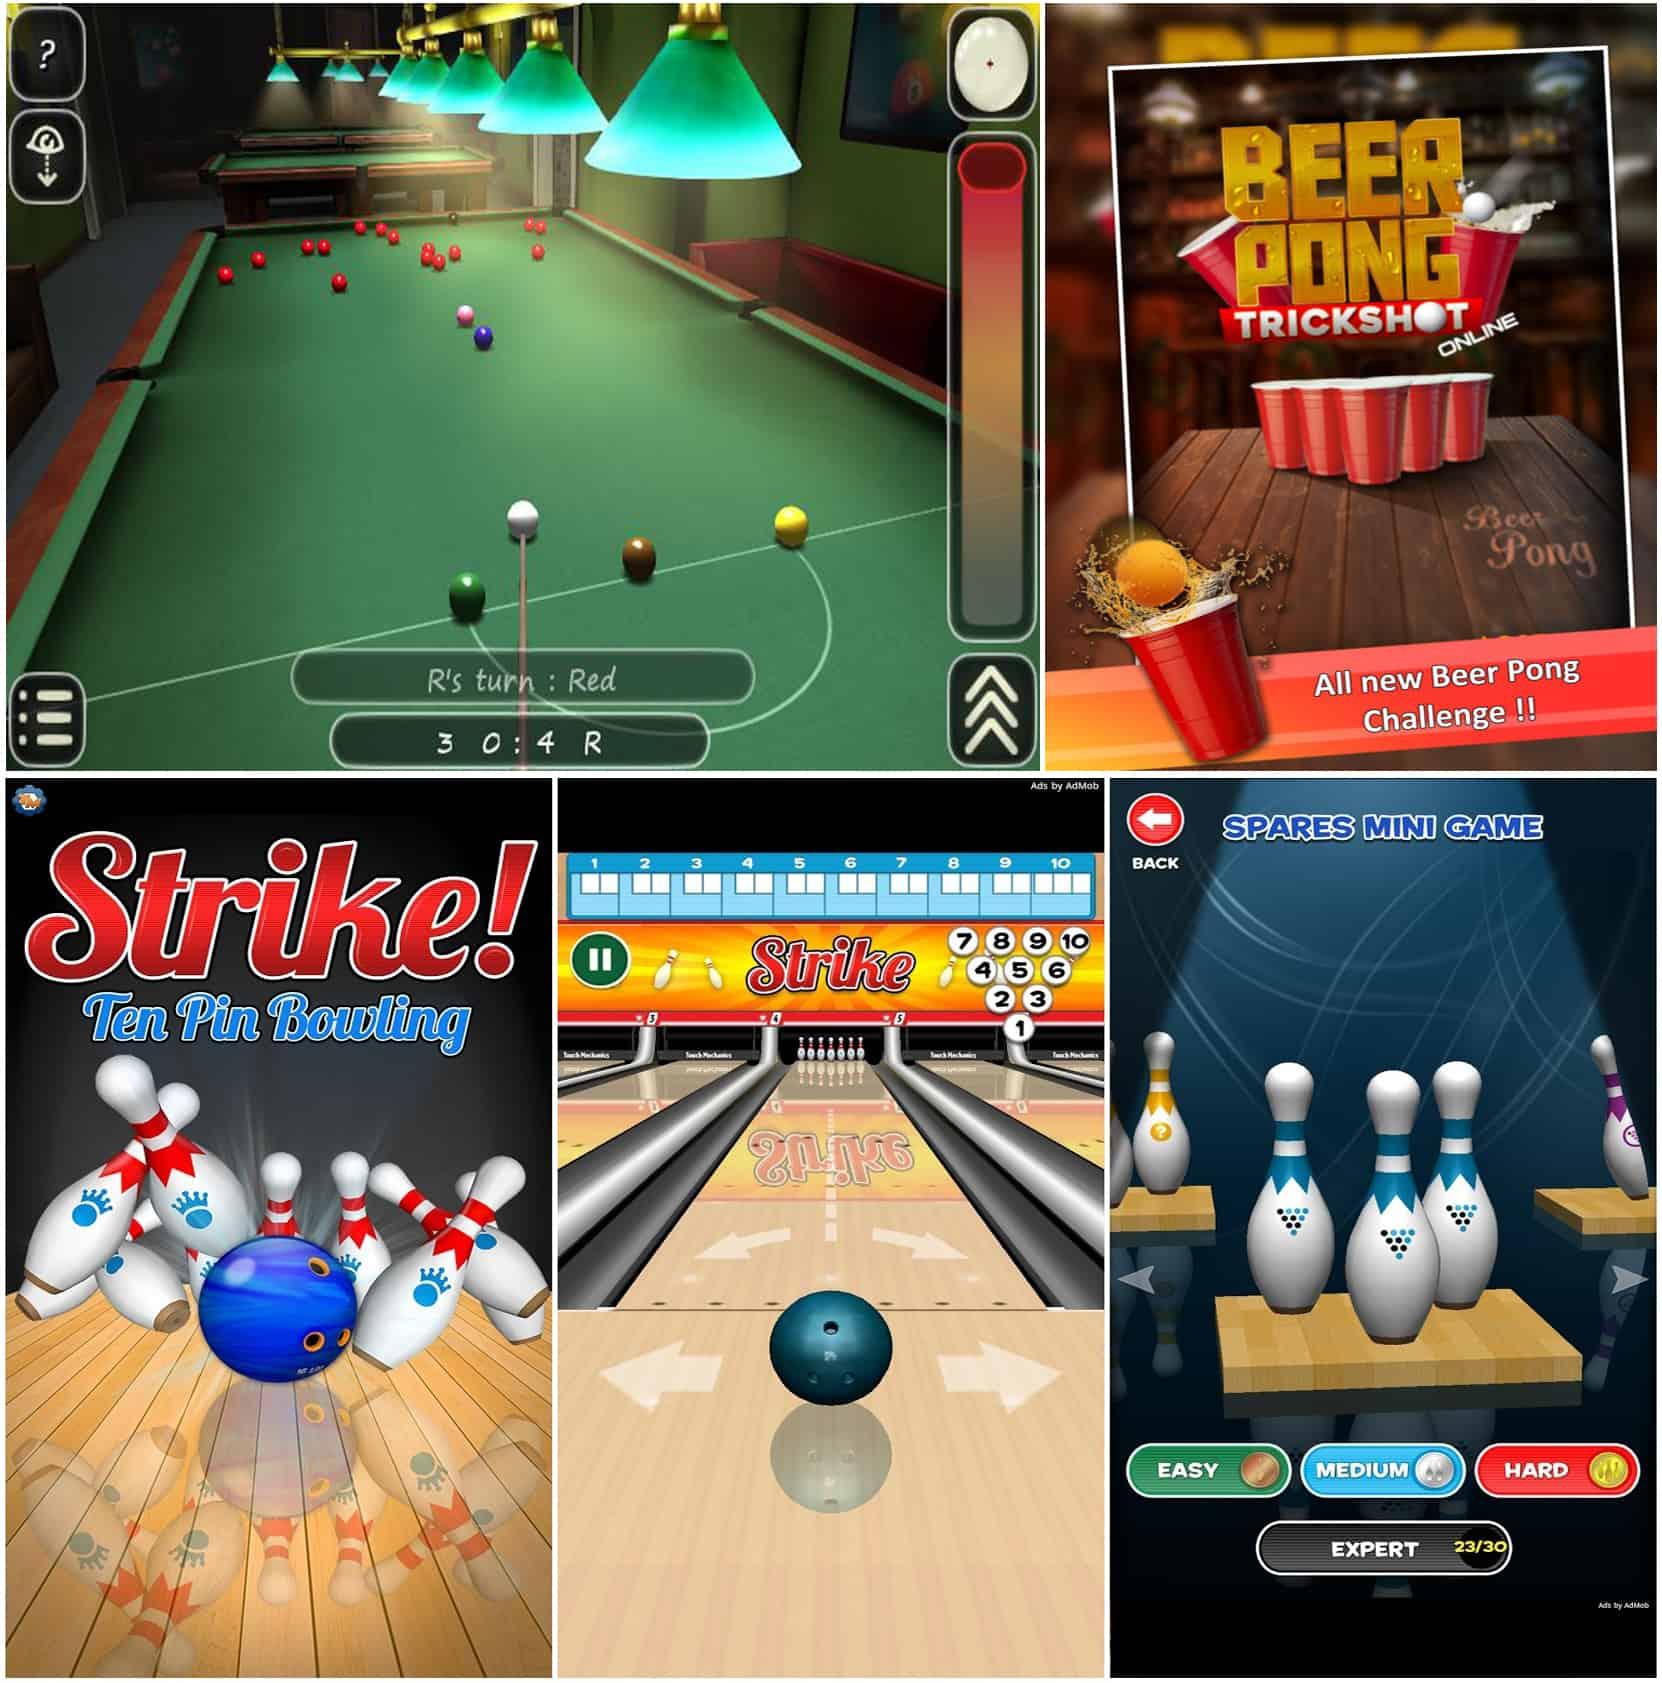 TechGYO_Pool 3D, Beer Pong, Strike!